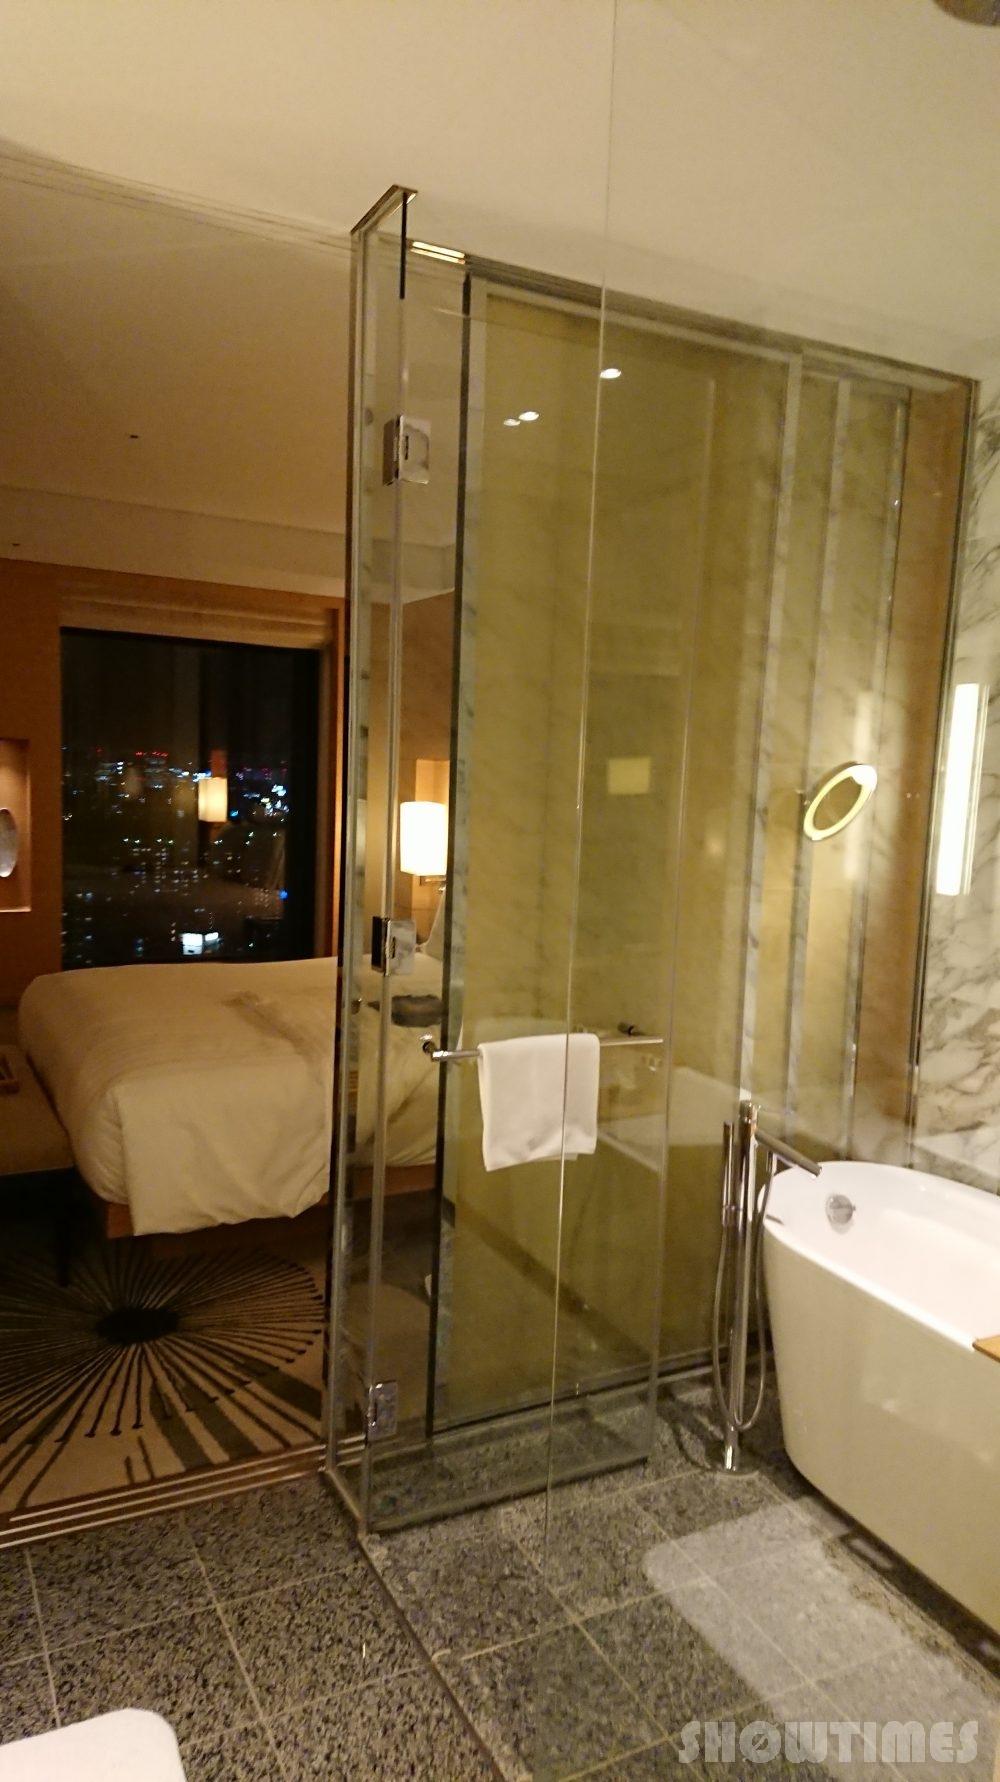 インターコンチネンタルホテル大阪デラックスダブルのバスルーム2